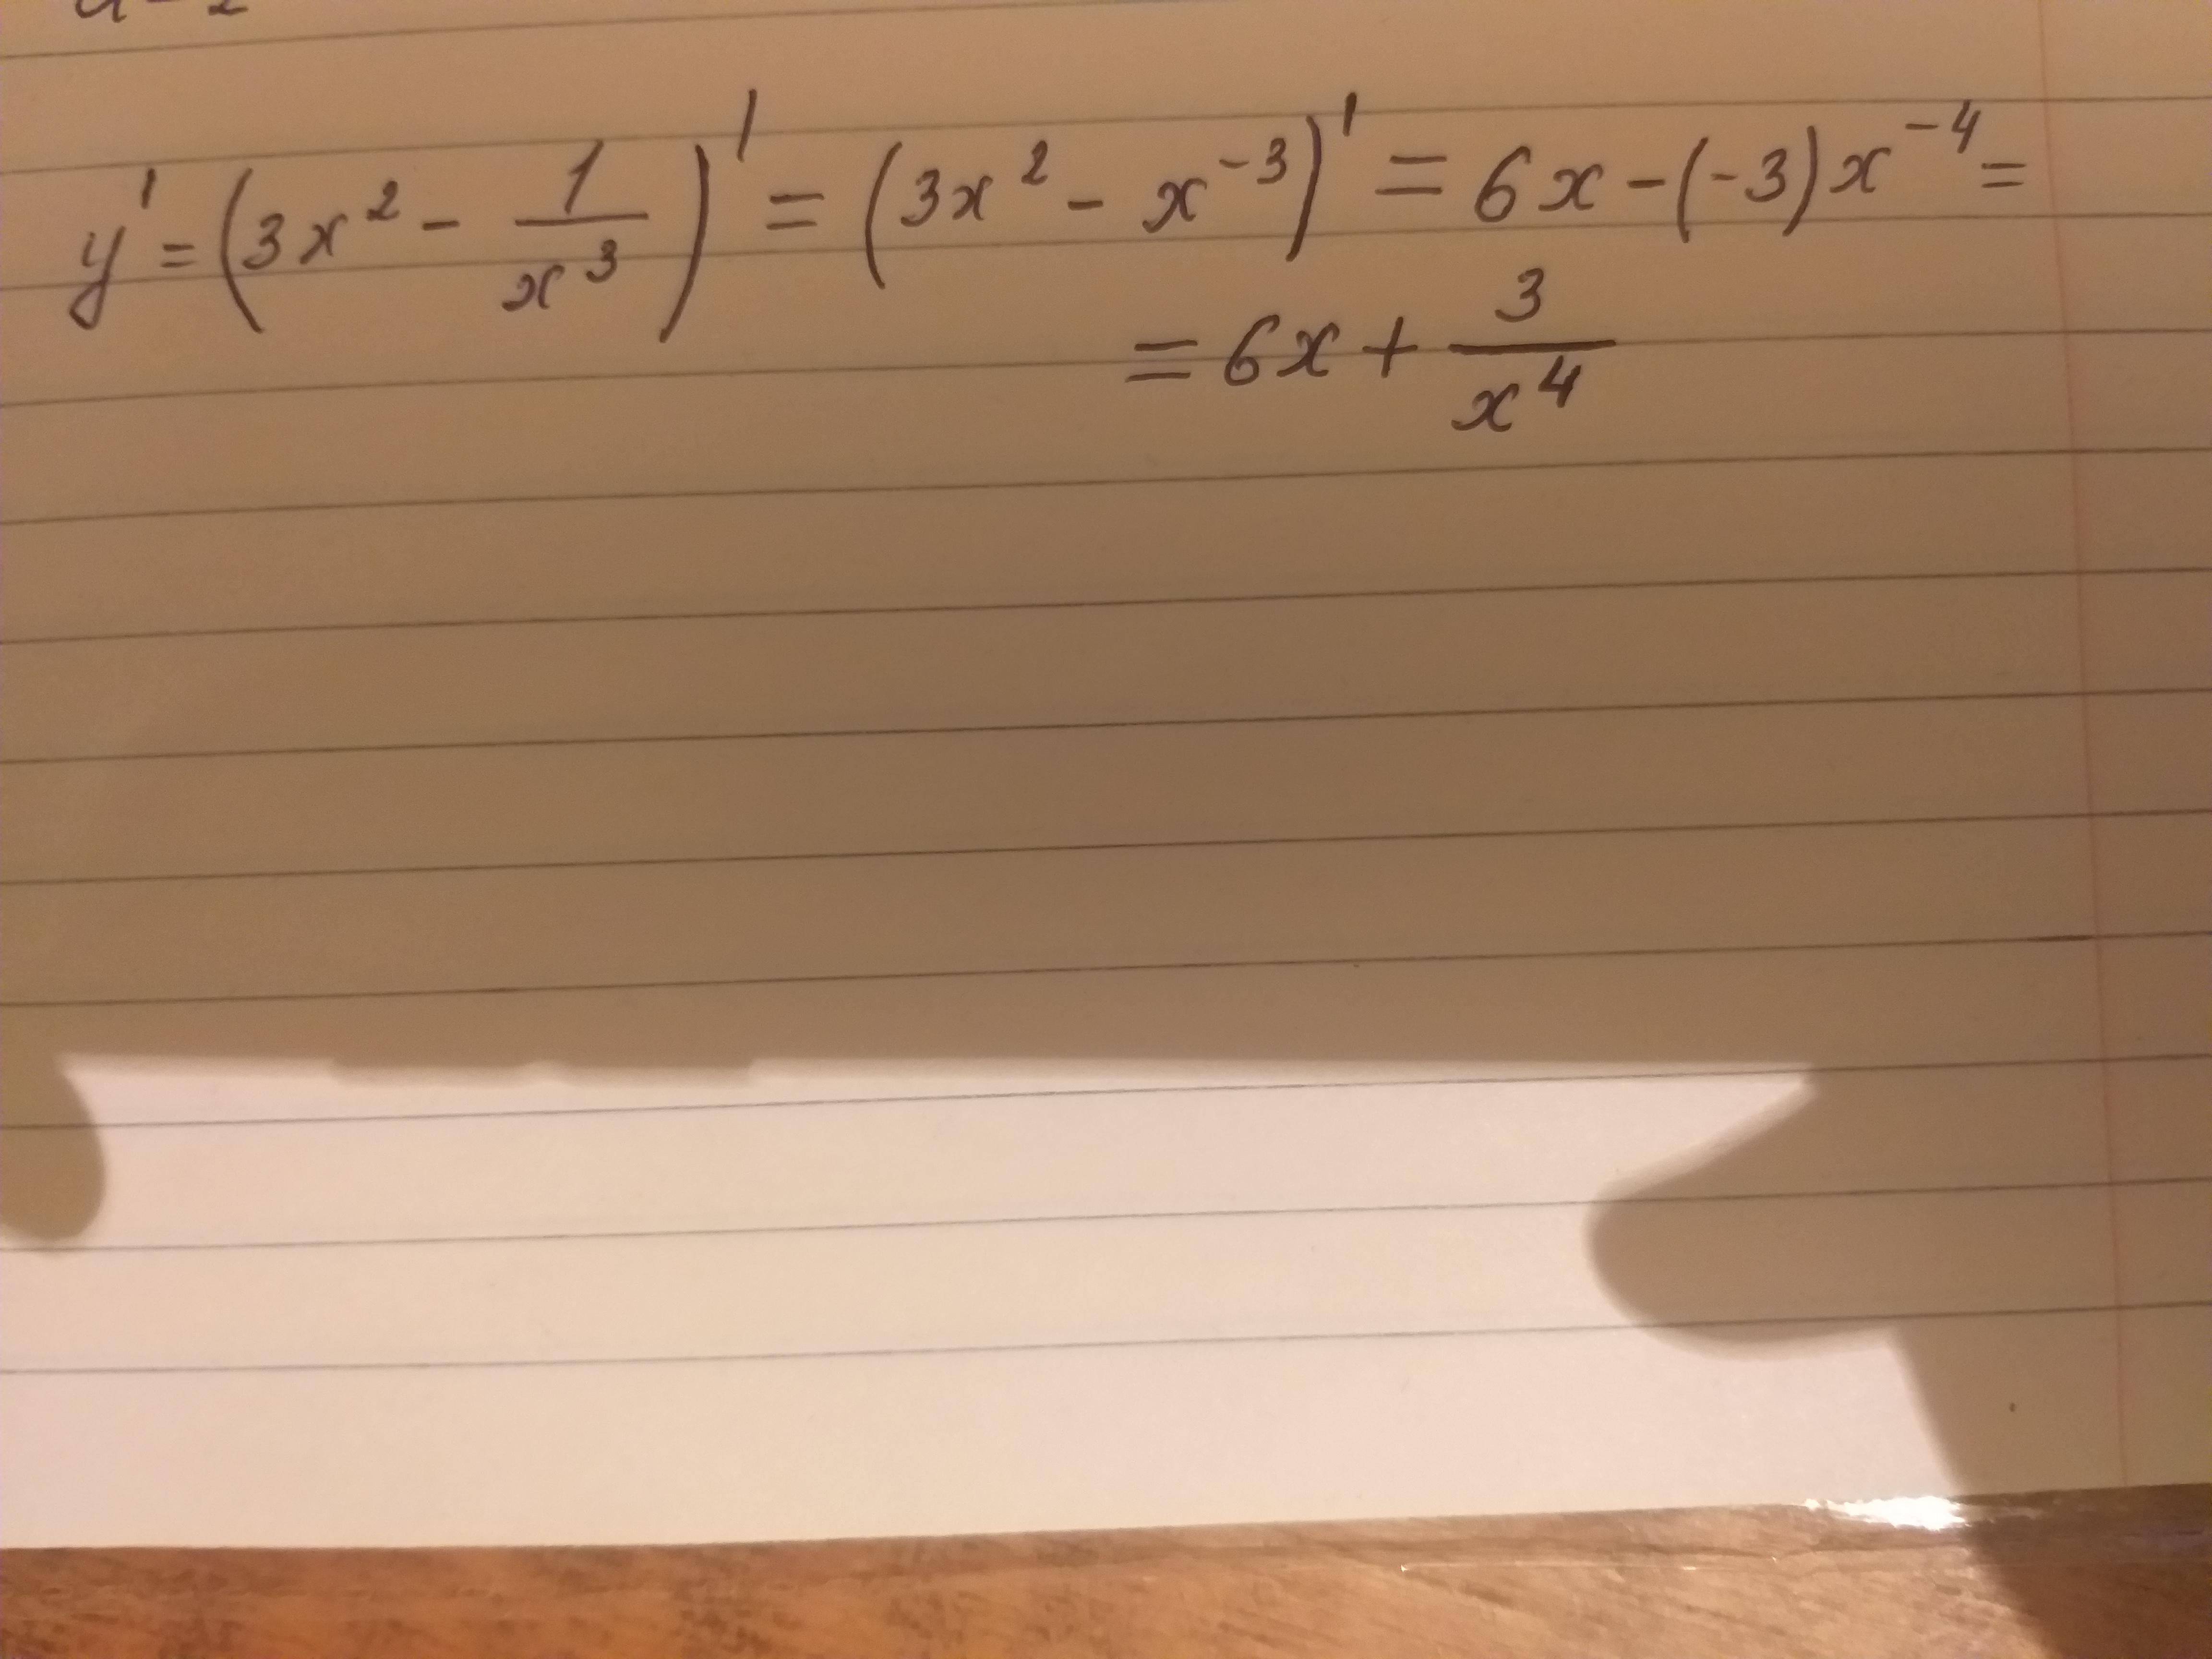 Помогите найти производную функцию y=3x^2-1:x^3